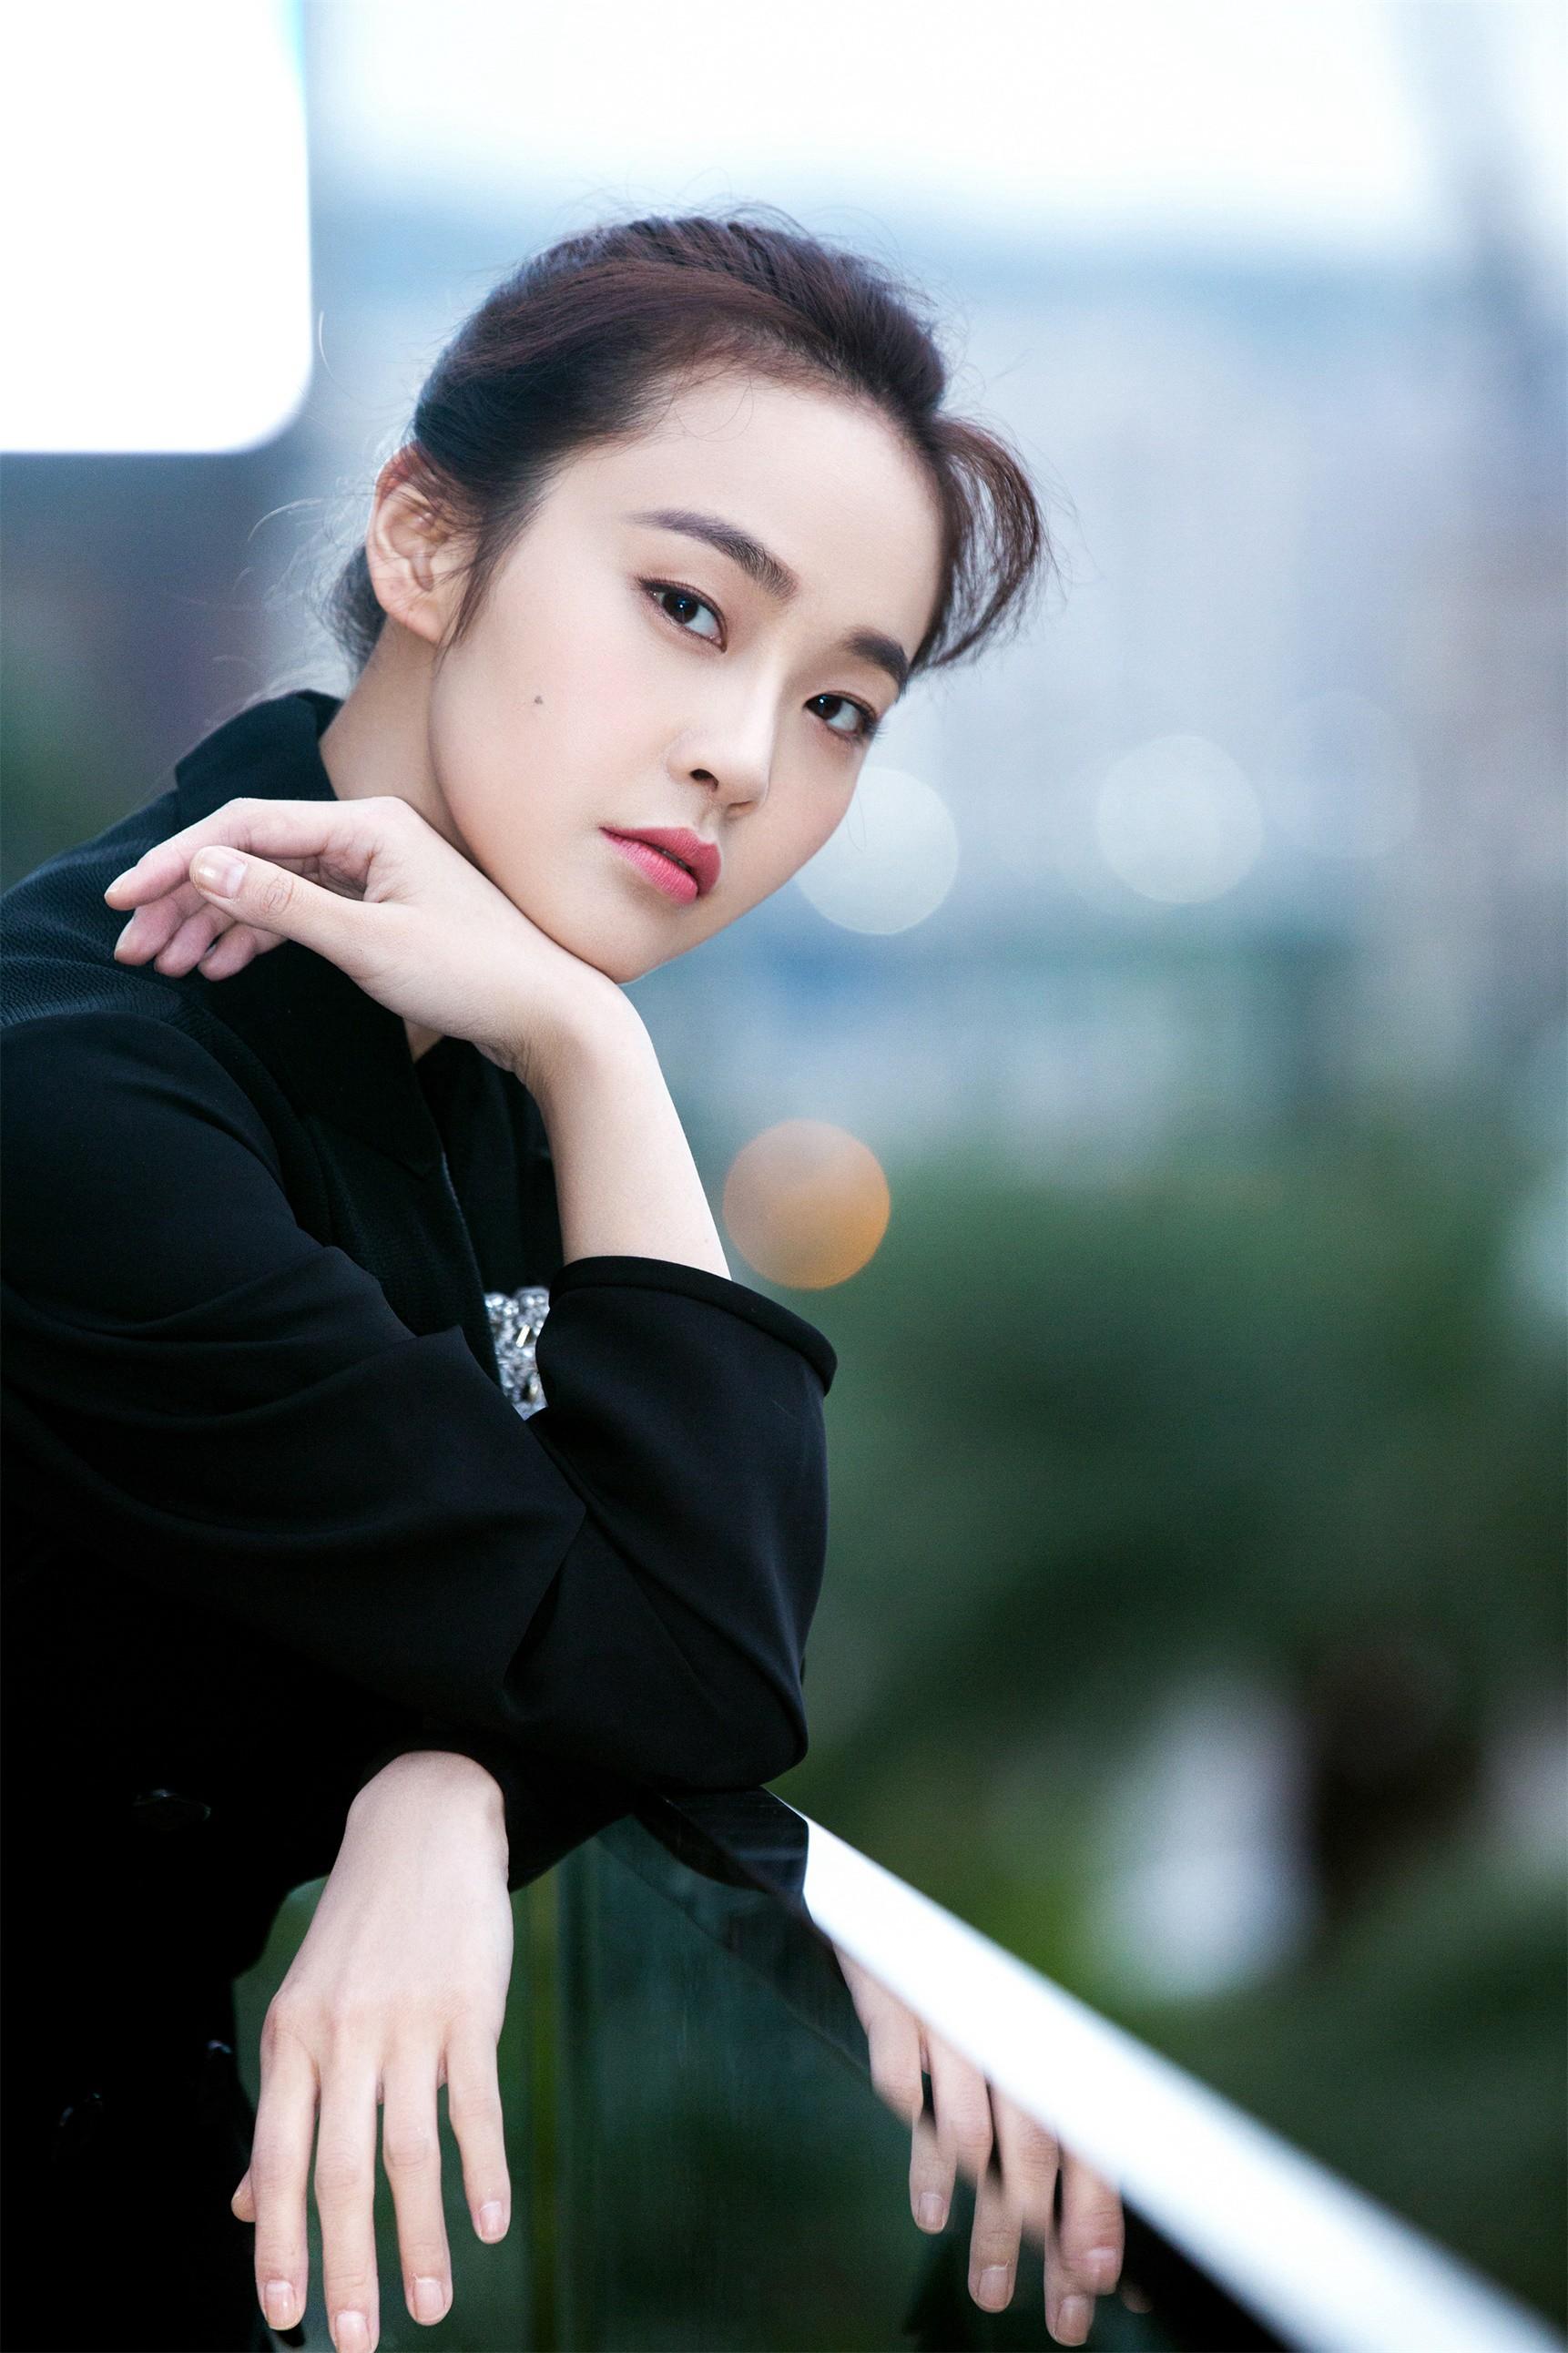 张佳宁澳门时装周5.jpg